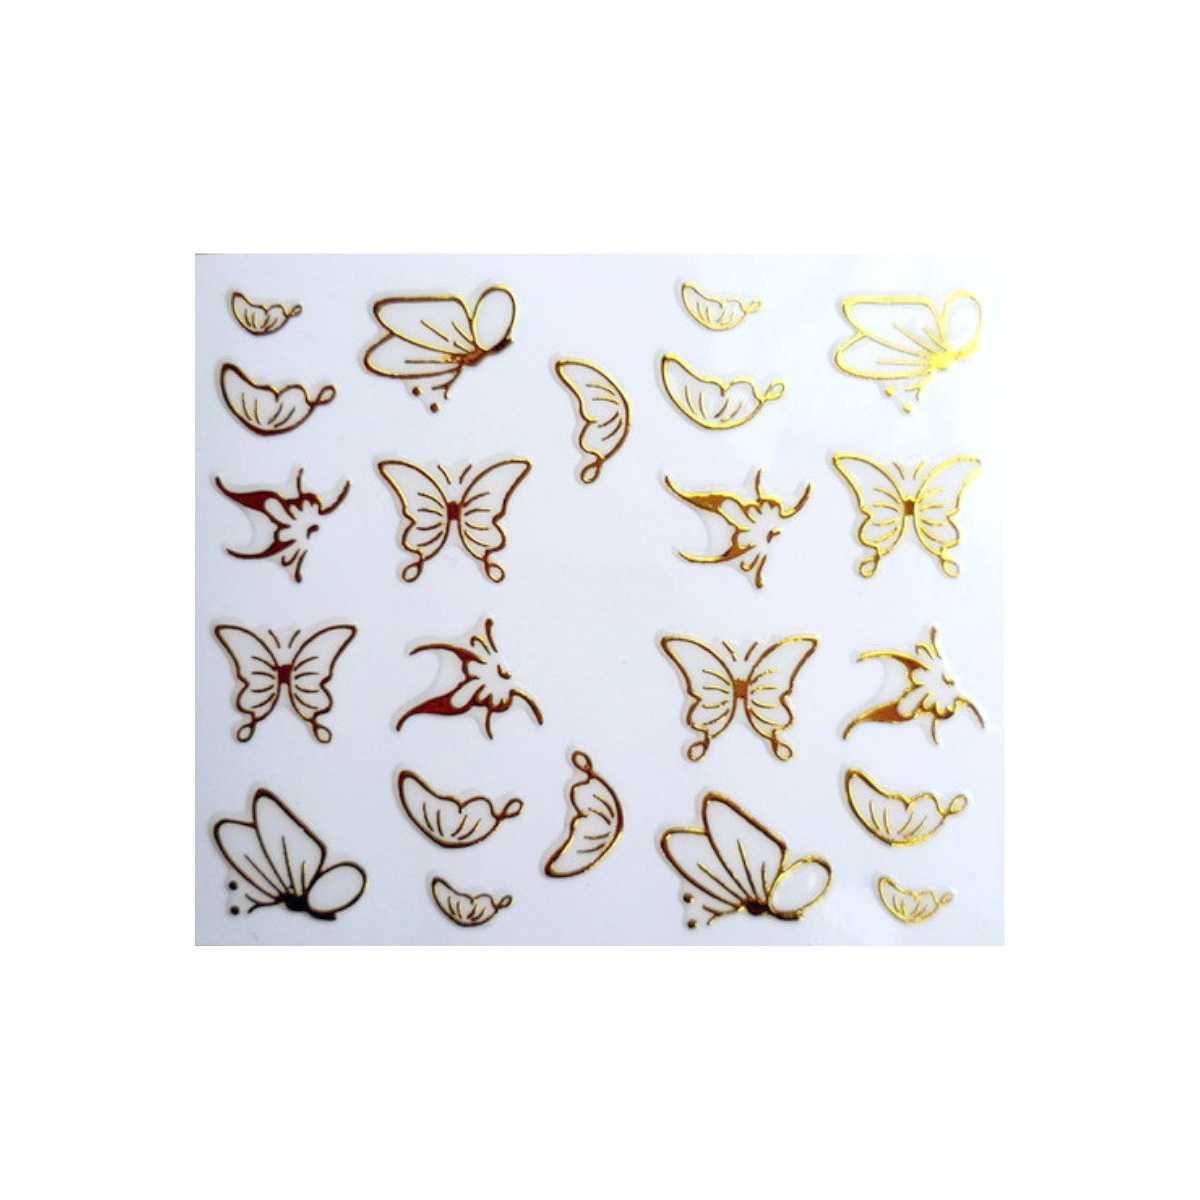 https://www.kit-manucure.com/2115-thickbox_default/stickers-papillons-dorés.jpg